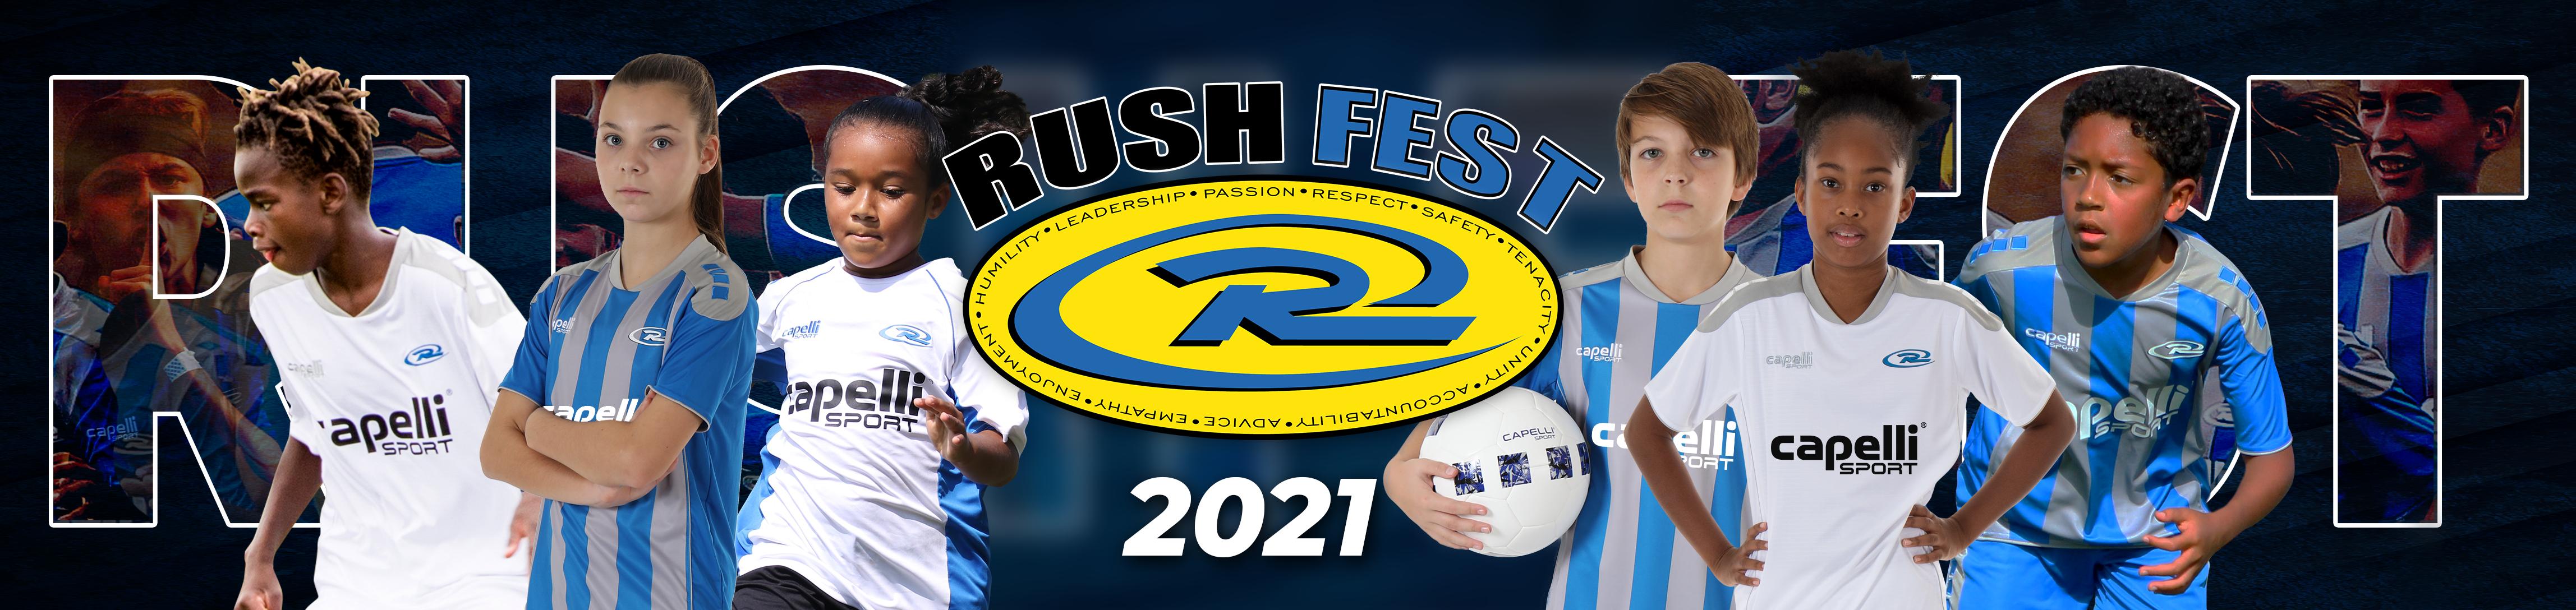 Banner-Rush-Fest-2